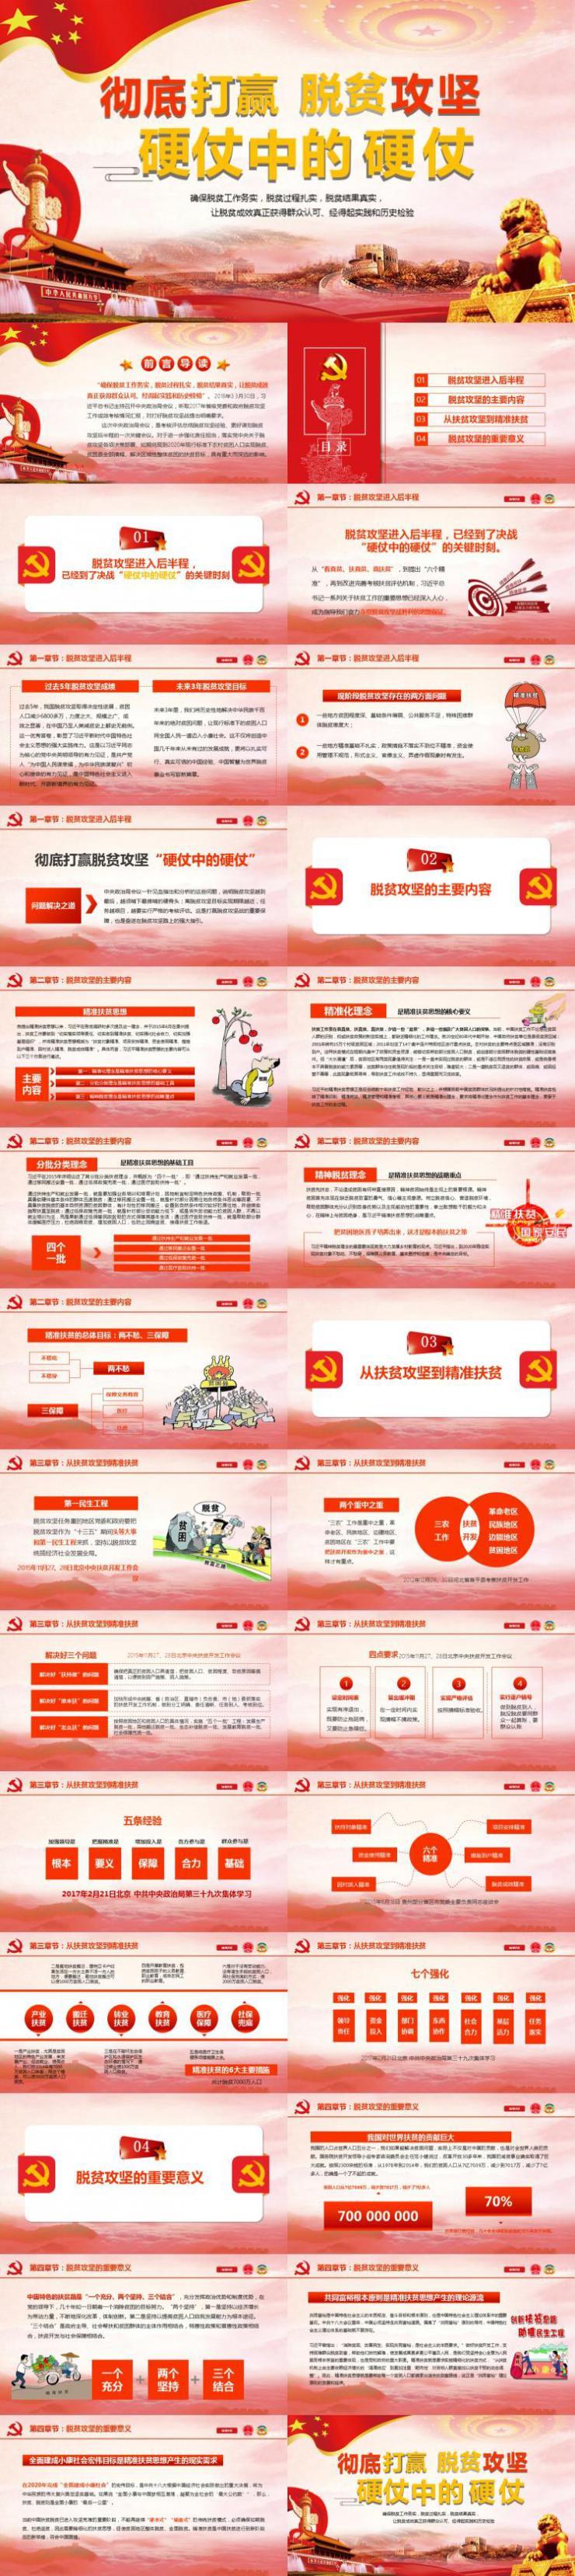 红色中国风党政脱贫扶坚节日庆典PPT模版